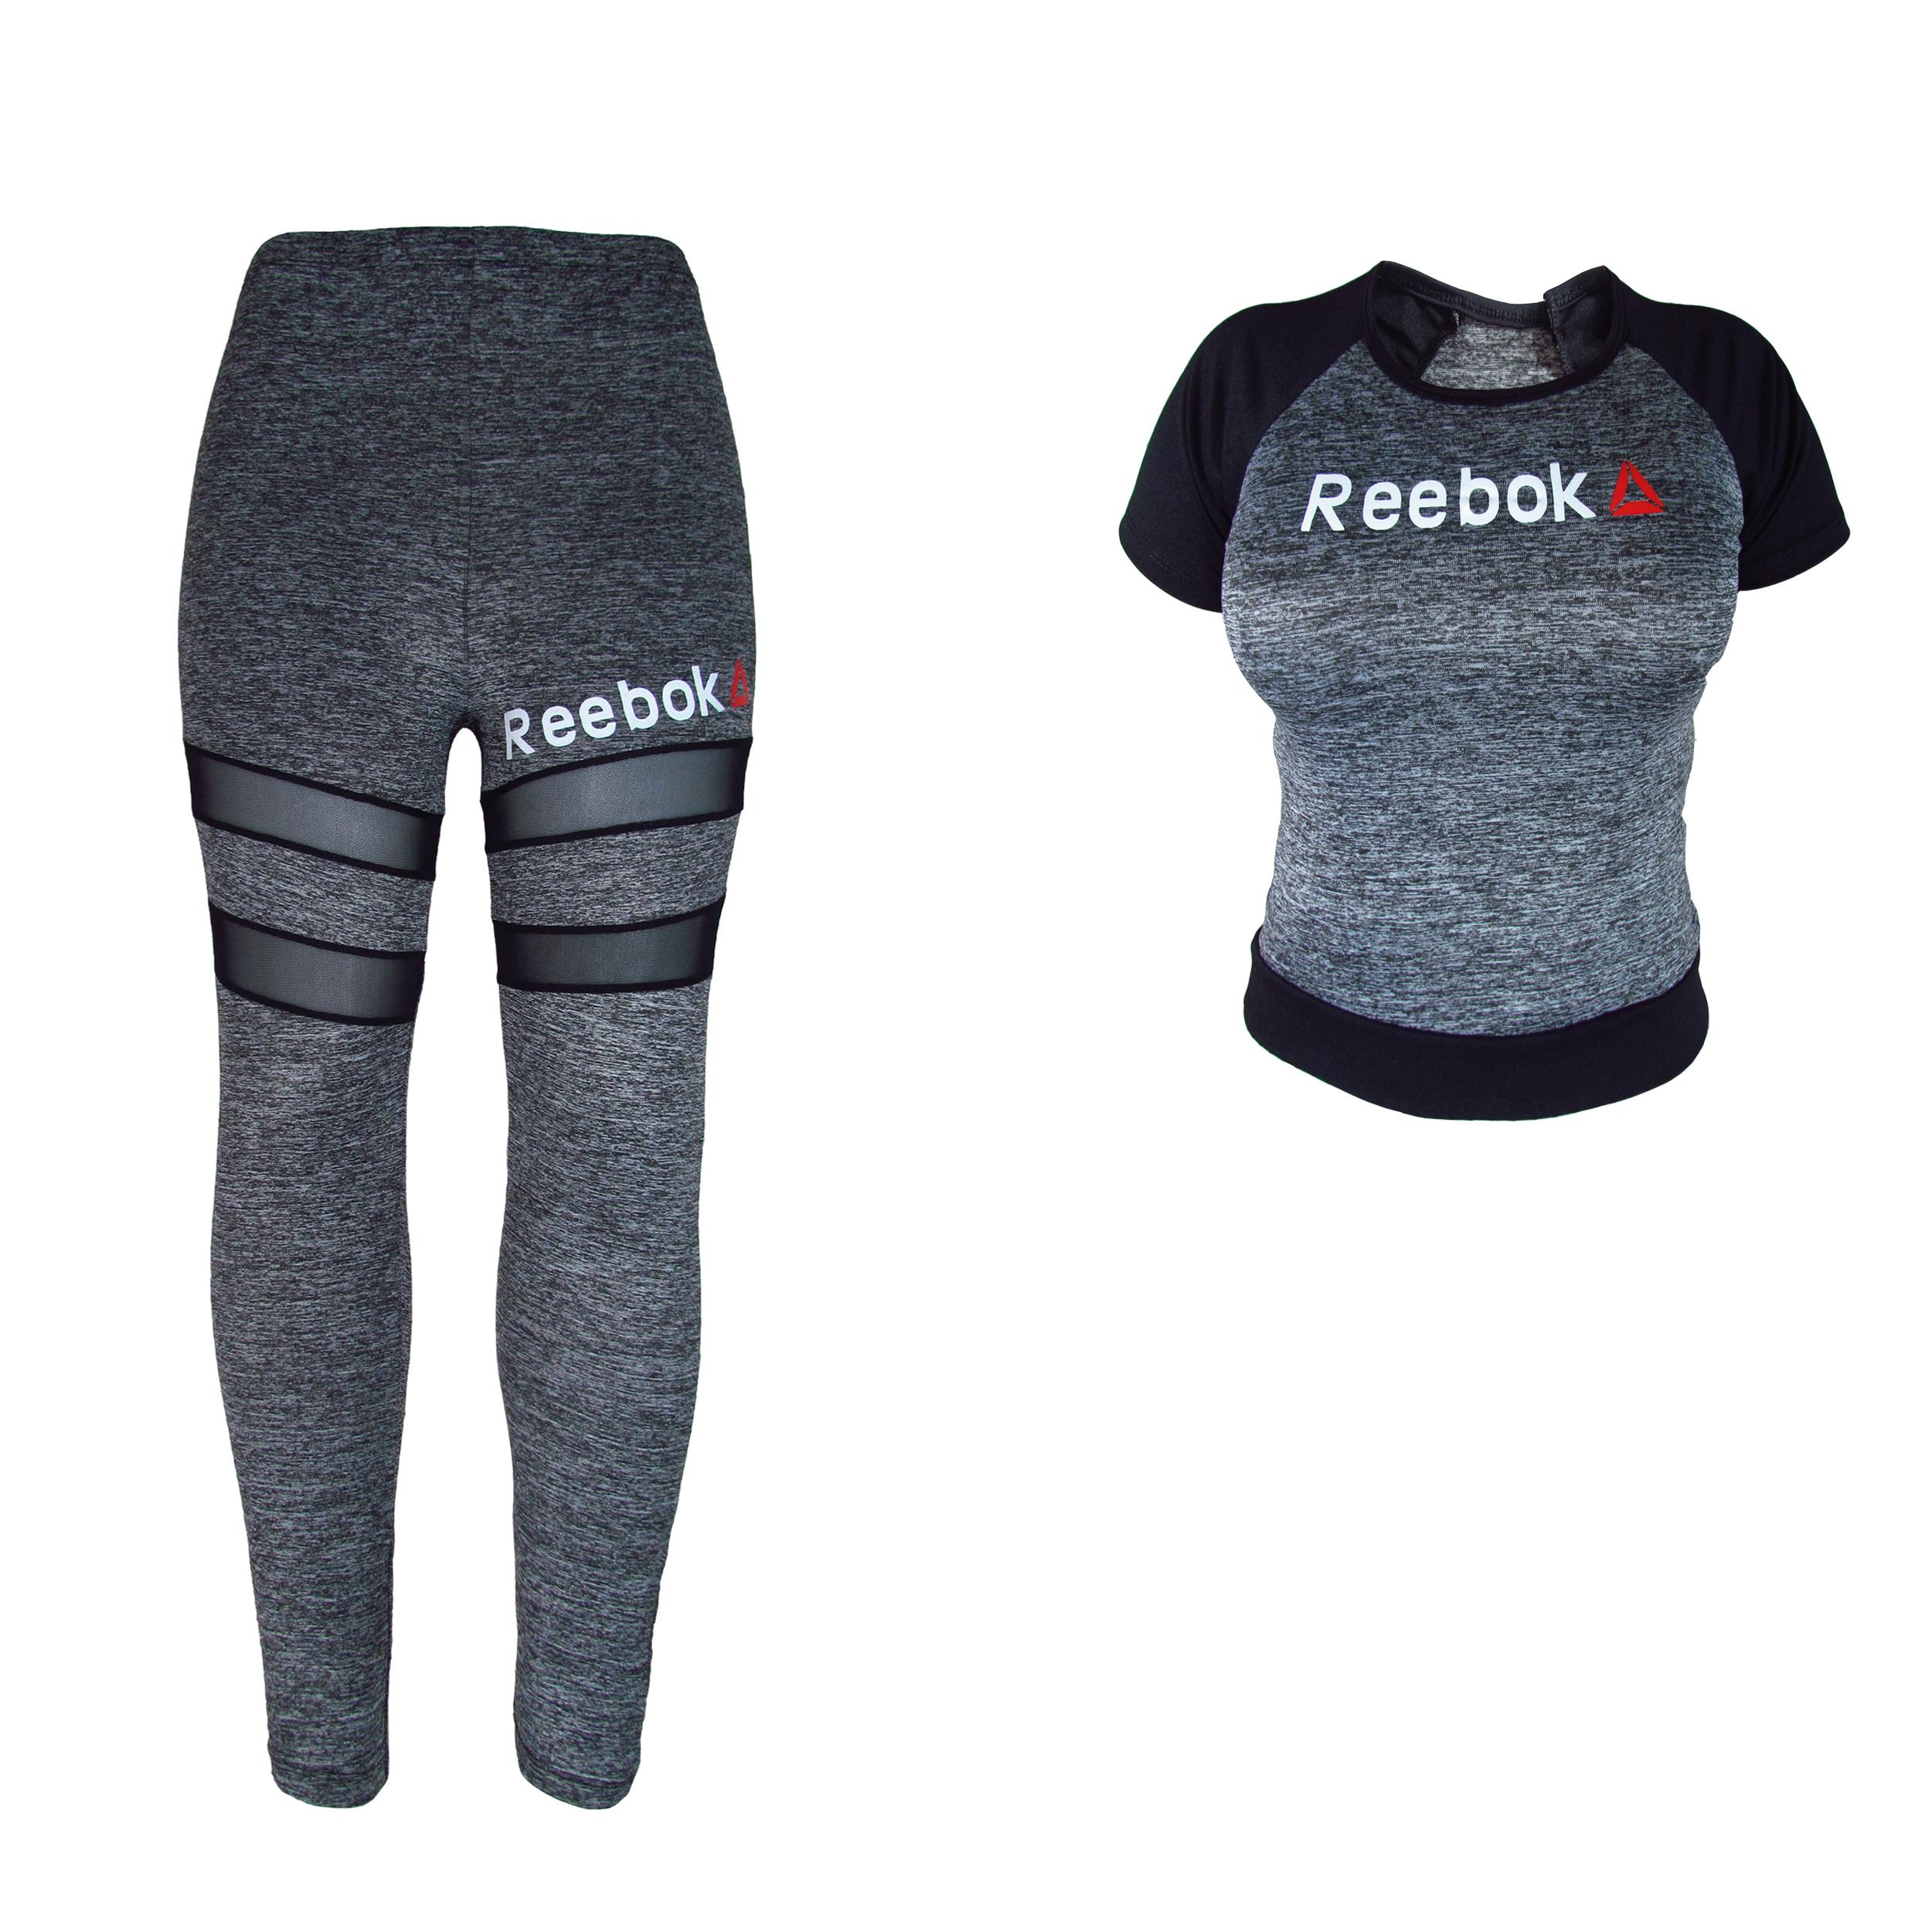 ست تی شرت و شلوار ورزشی زنانه کد 333